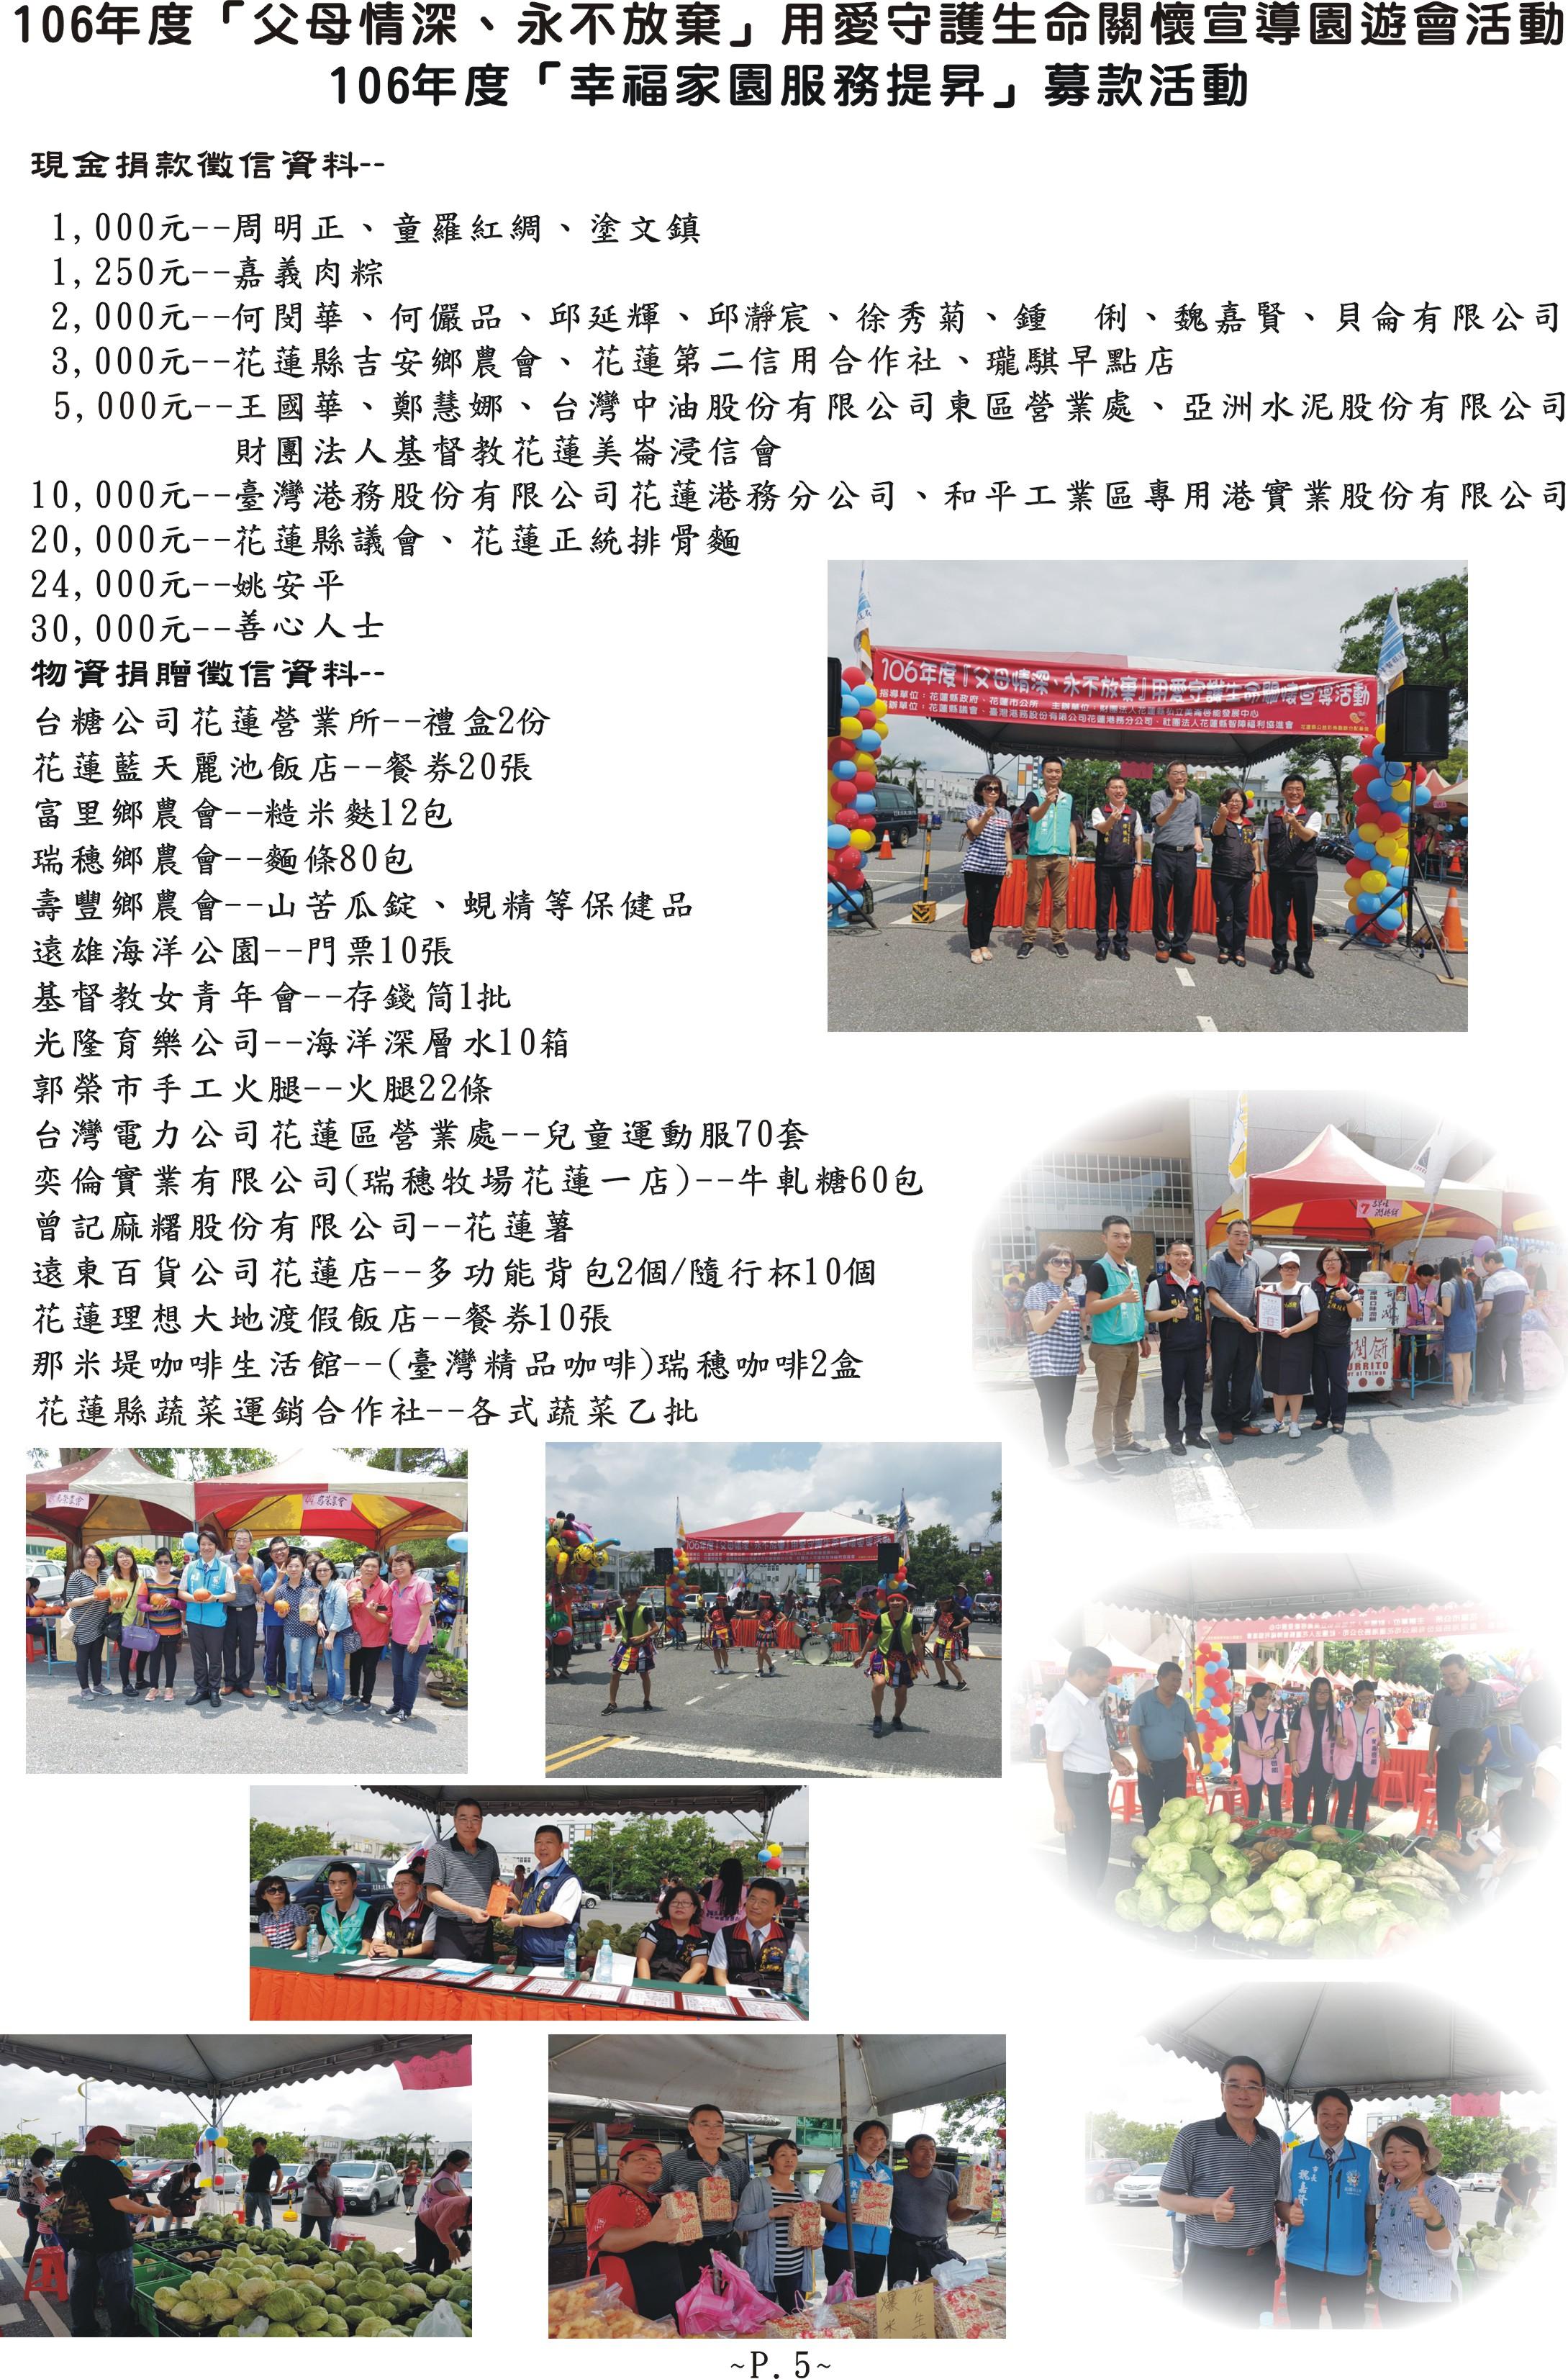 10602期會訊--中心園遊會捐款捐物徵信資料.JPG